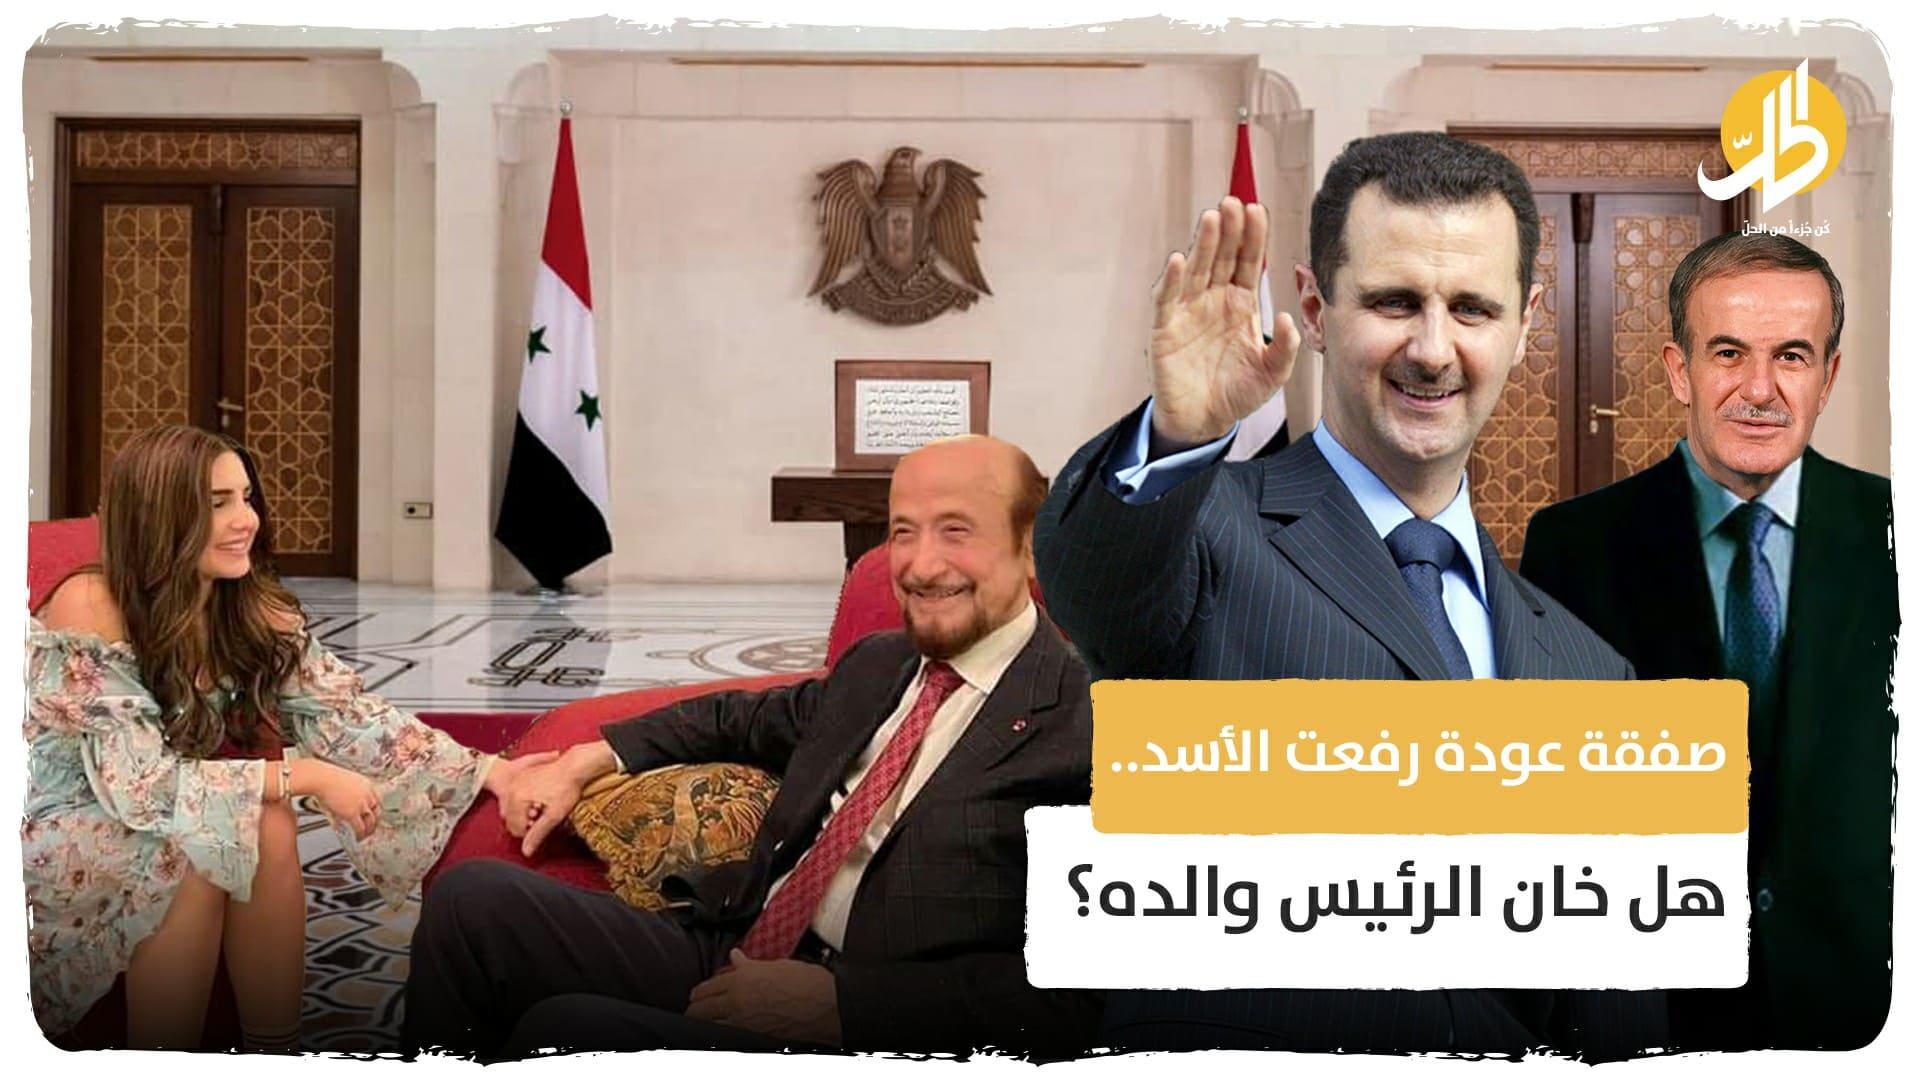 صفقة عودة رفعت الأسد.. هل خان الرئيس والده؟ تفاصيل متأخرة عن الهروب العكسي للأسد العم إلى سوريا